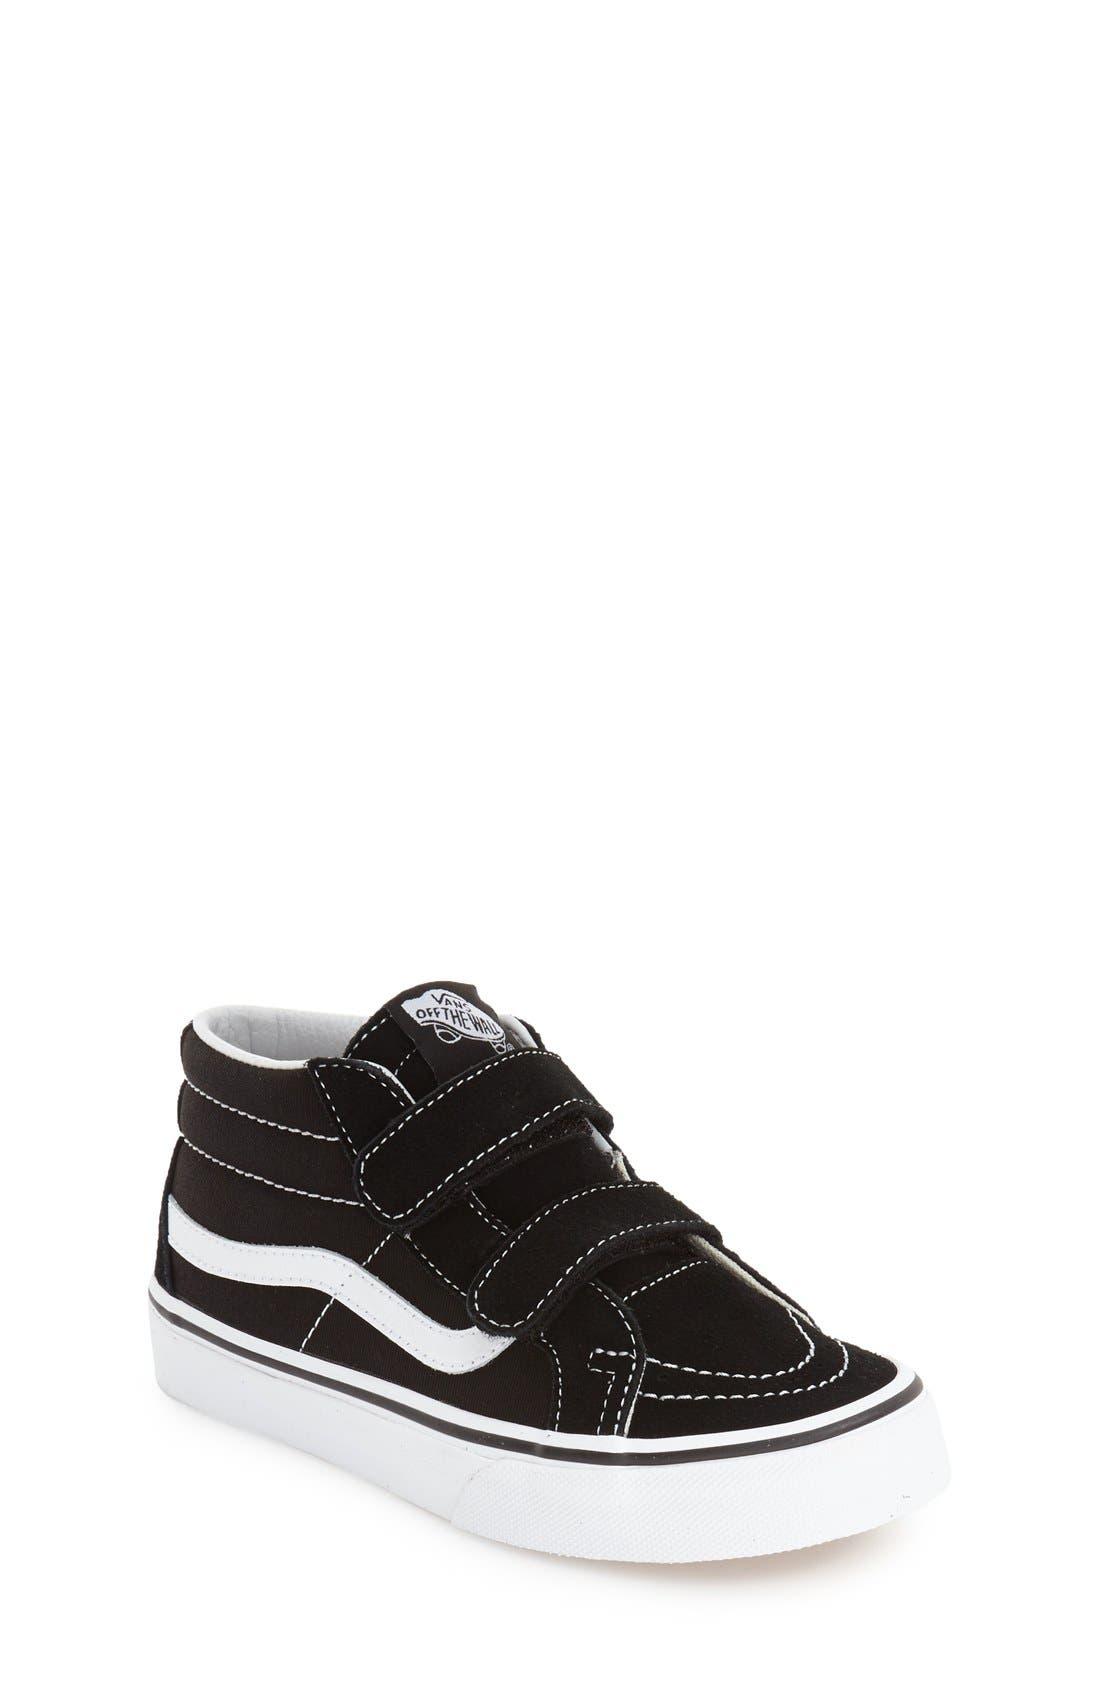 'Sk8-Hi Reissue V' Sneaker, Main, color, BLACK/ TRUE WHITE